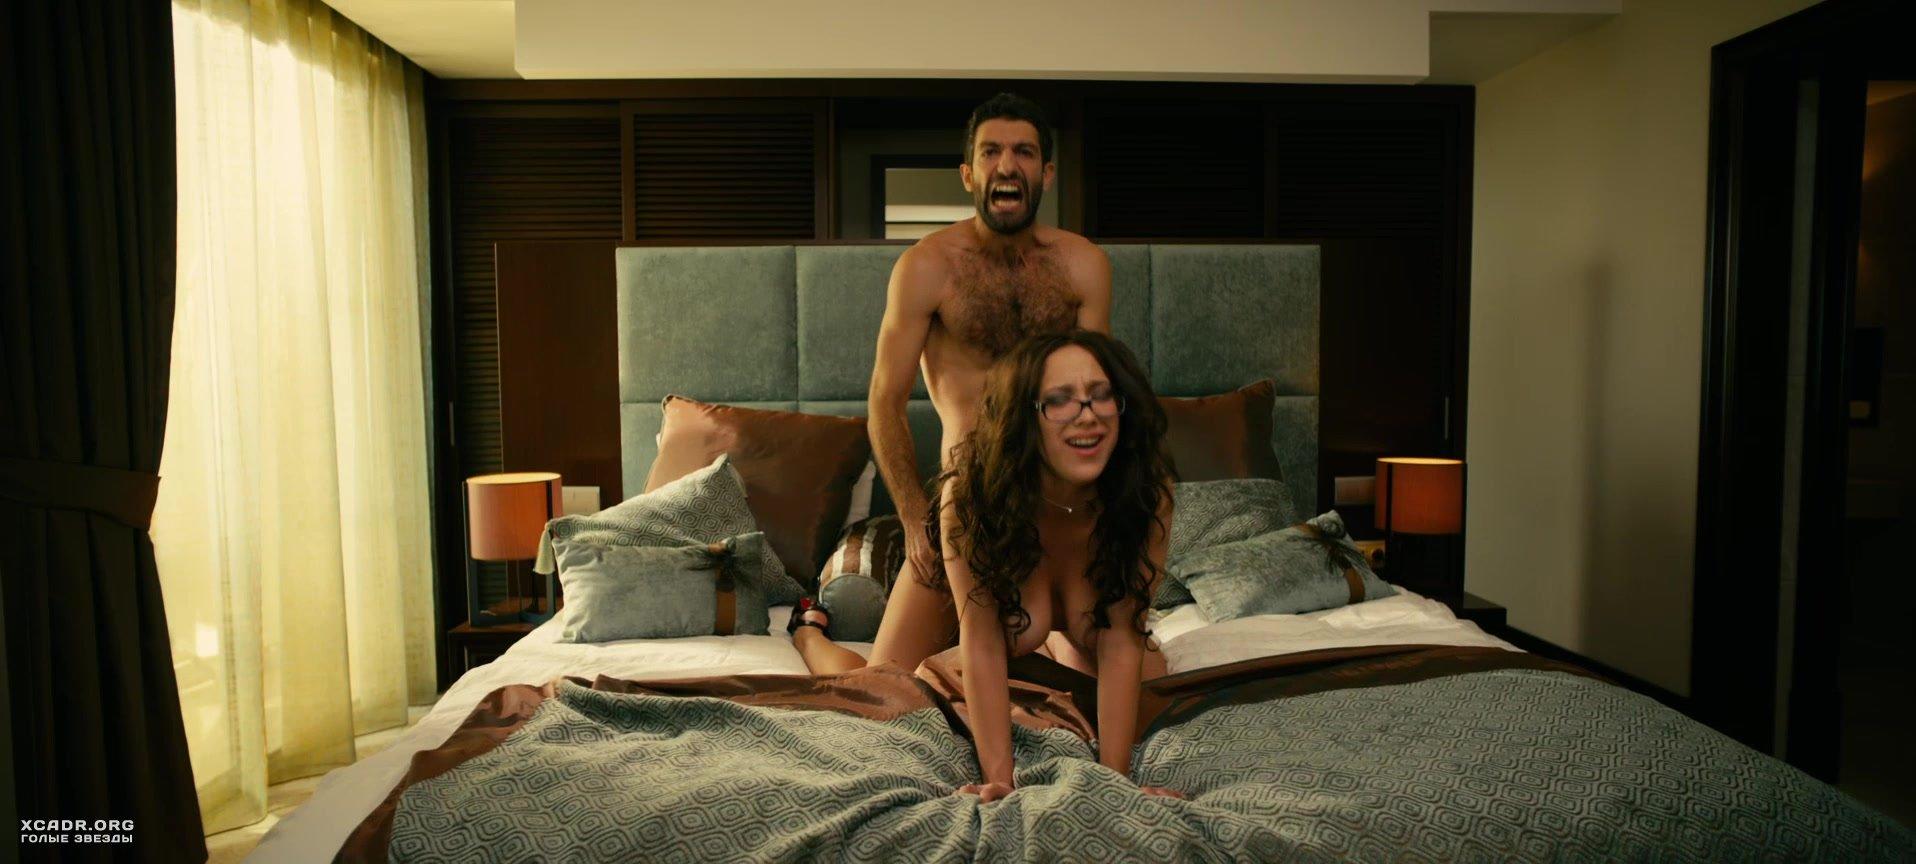 Секс на дом 2 не вошедшие в эфир смотреть онлаин 6 фотография